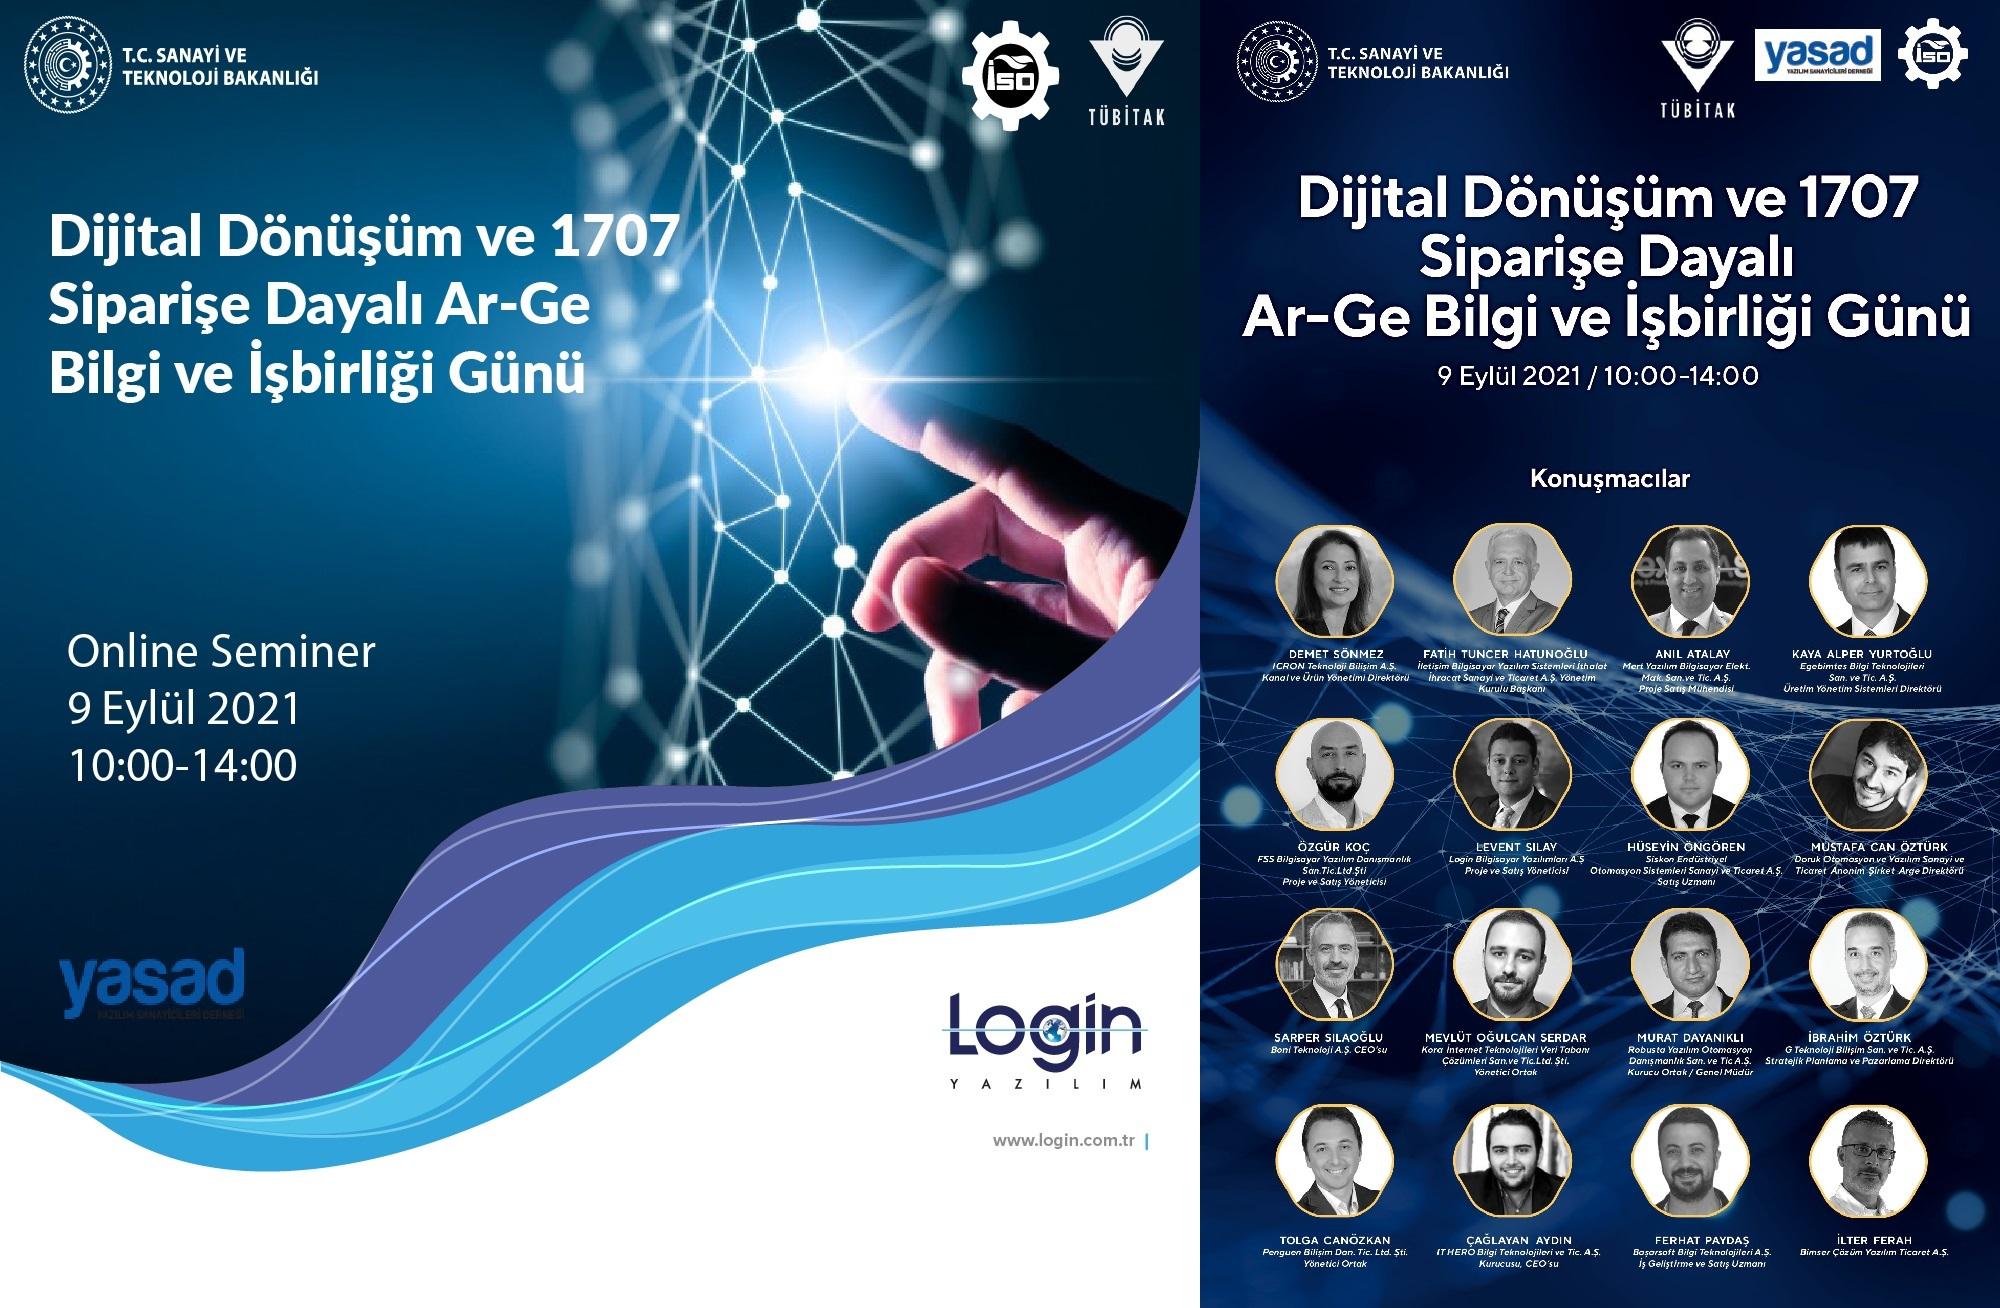 Dijital Dönüşüm ve 1707 Siparişe Dayalı Ar-Ge Bilgi ve İşbirliği Günü